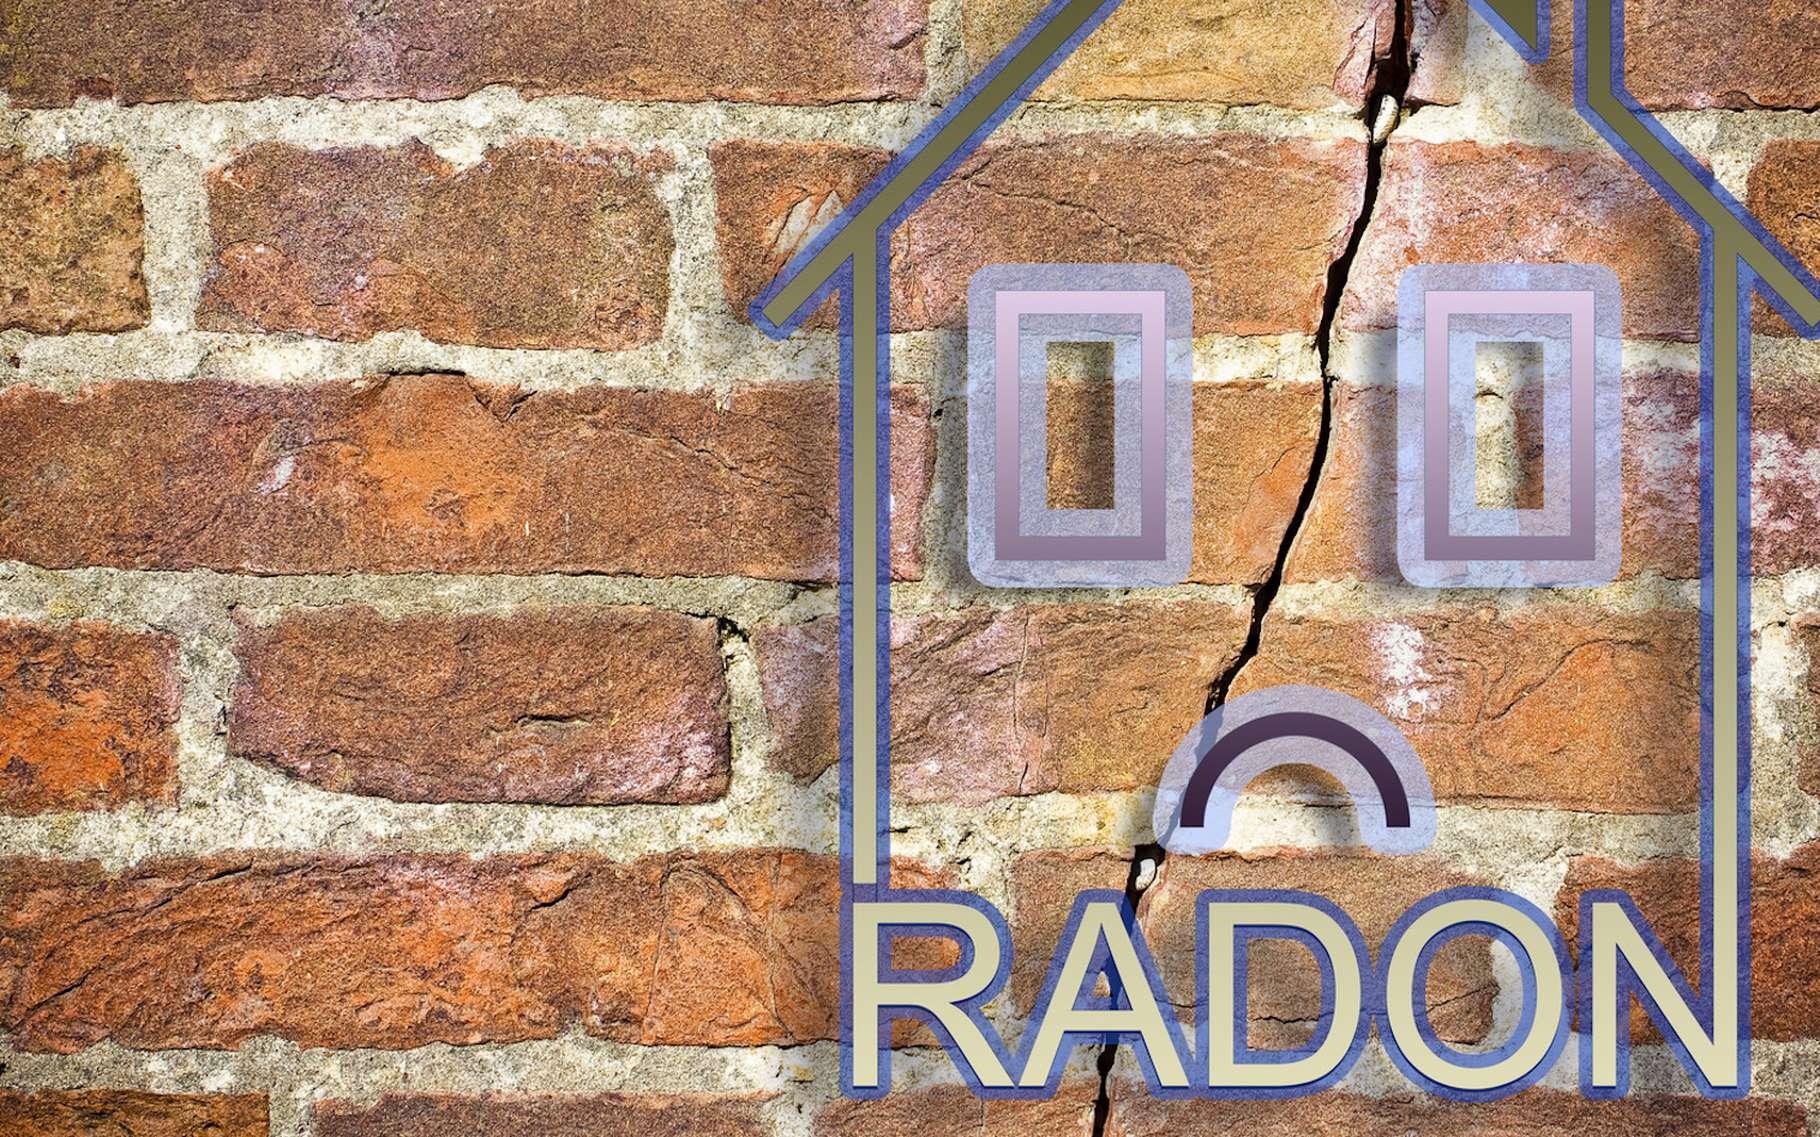 Une information préventive sur les risques d'exposition au radon doit désormais être fournie à tout locataire ou acquéreur potentiel. En cas de présence de radon dans un logement, il reste toutefois possible de recourir à un système de ventilation mécanique par insufflation pour s'en protéger. © Francesco Scatena, Fotolia